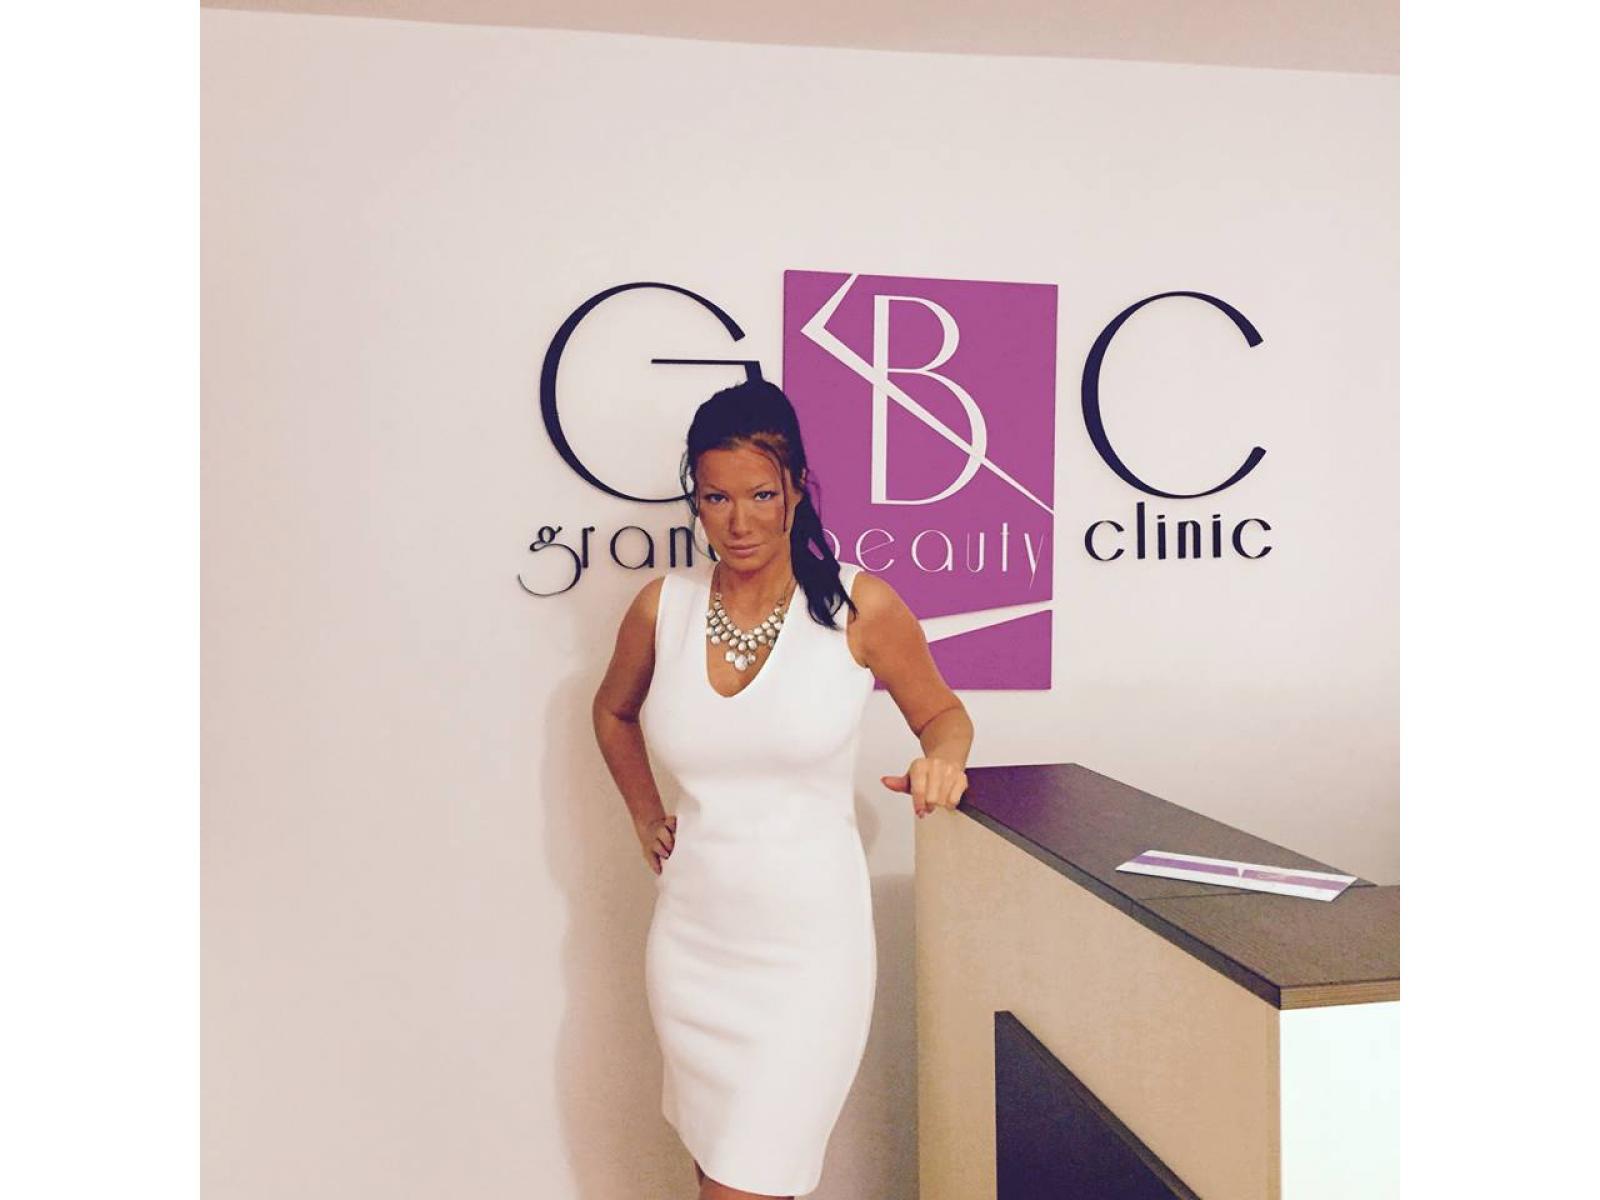 Grand Beauty Clinic - 11054501_10153183223294243_7784657006014025633_n.jpg